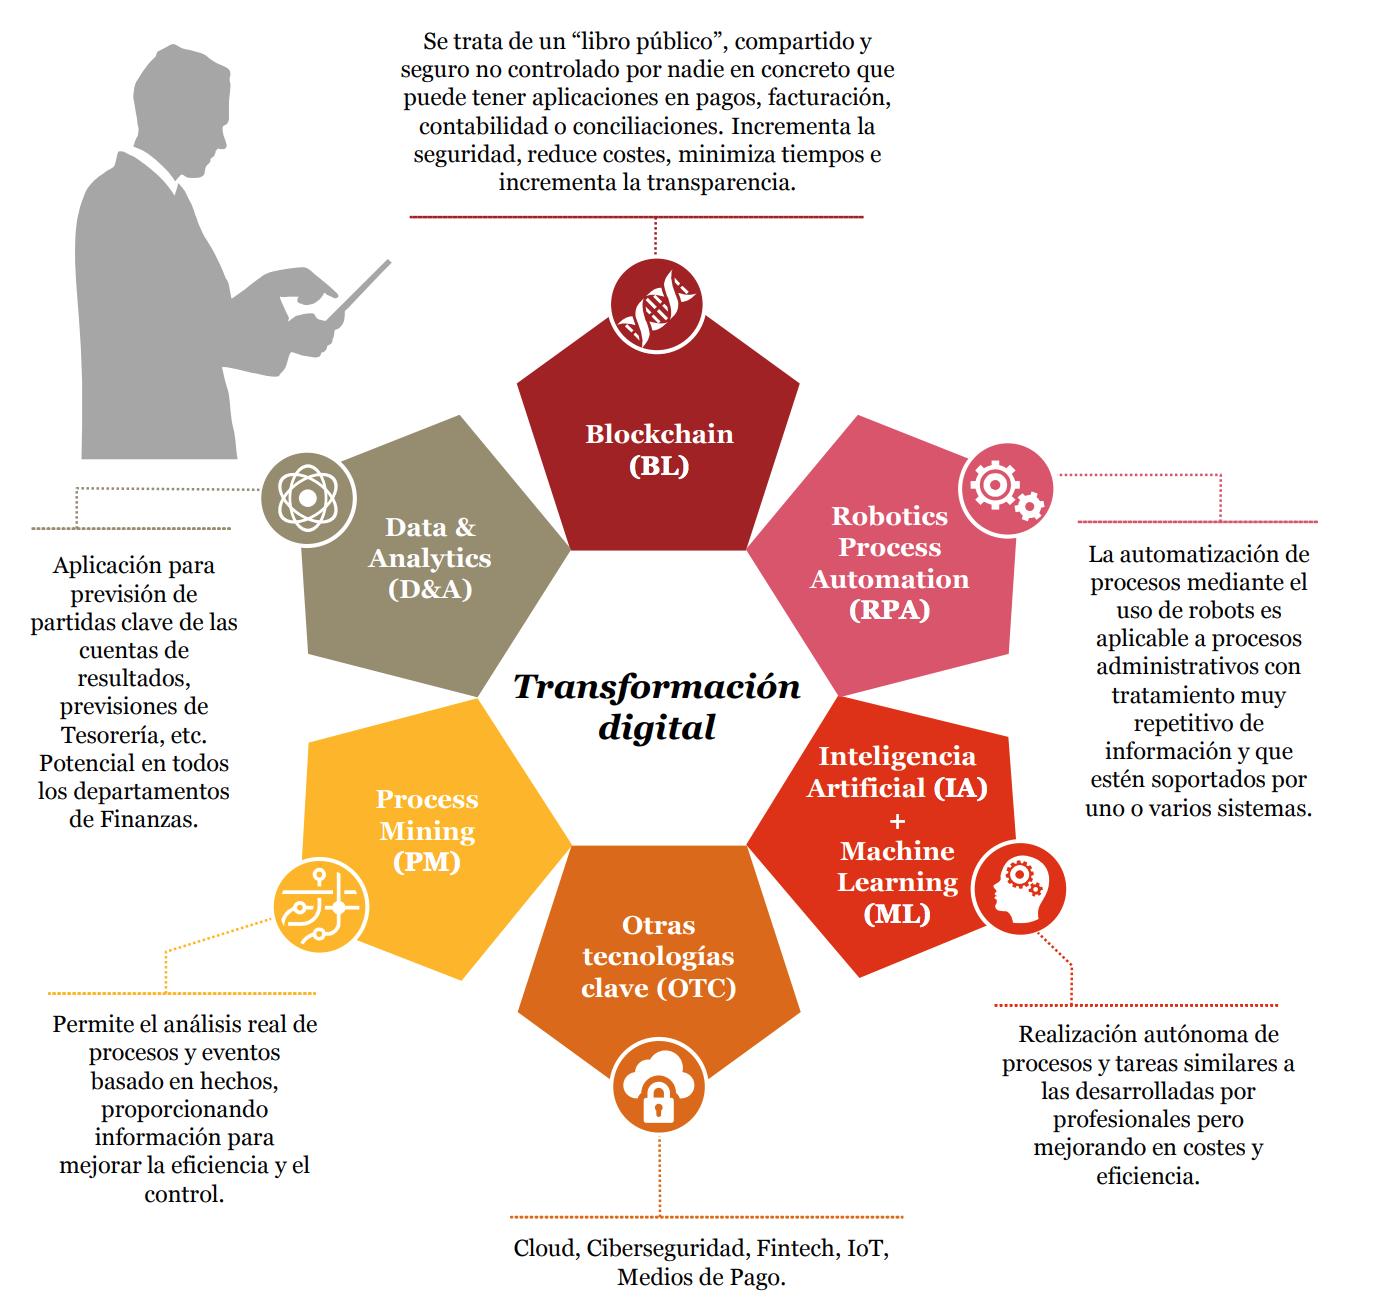 Herramientas Transformación Financiera Digital